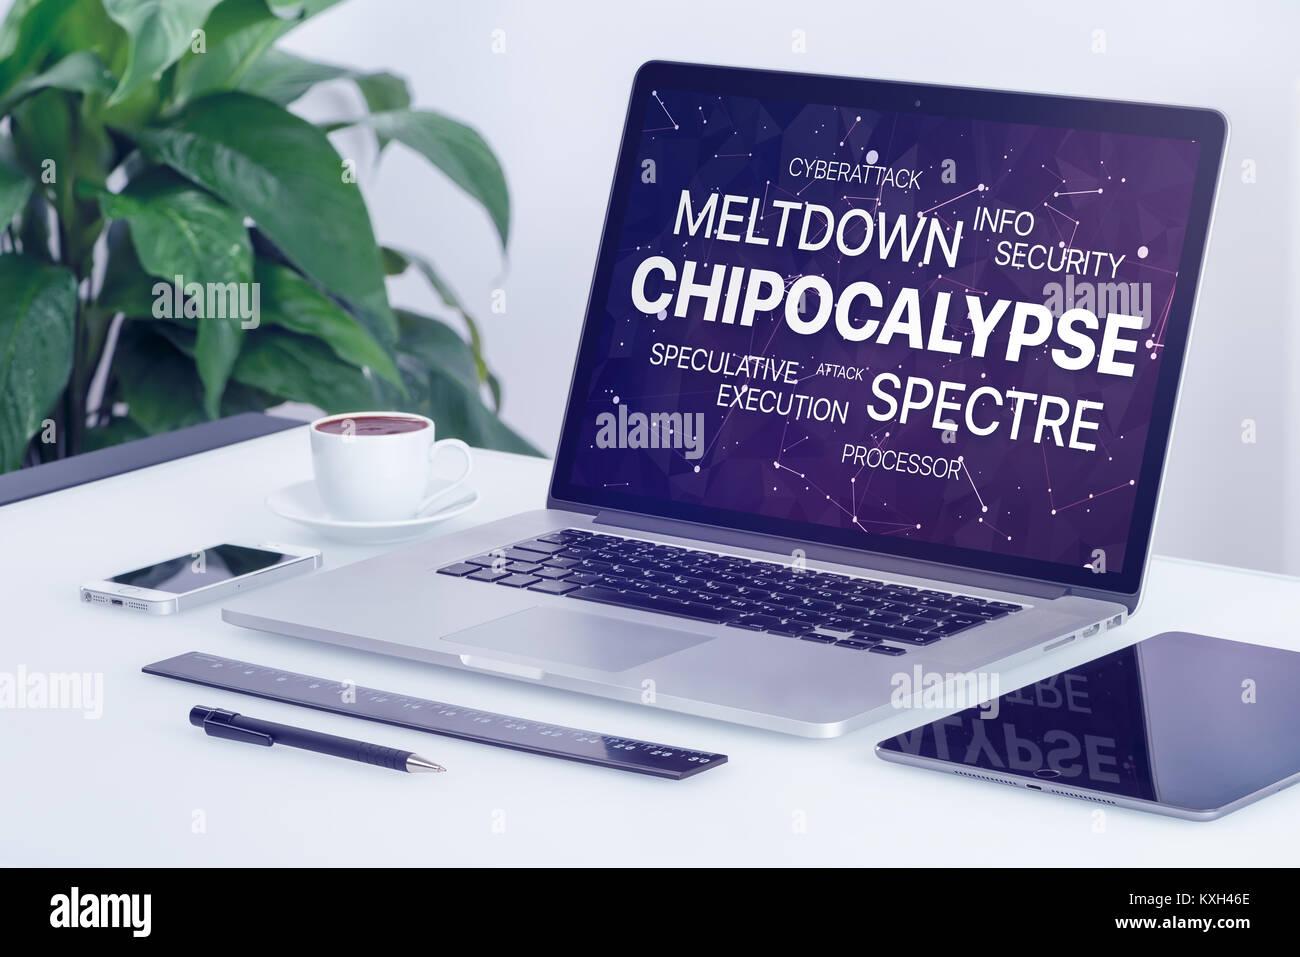 Concepto Chipocalypse con deshielos y espectro amenaza palabra nube sobre la pantalla de un ordenador portátil. Imagen De Stock